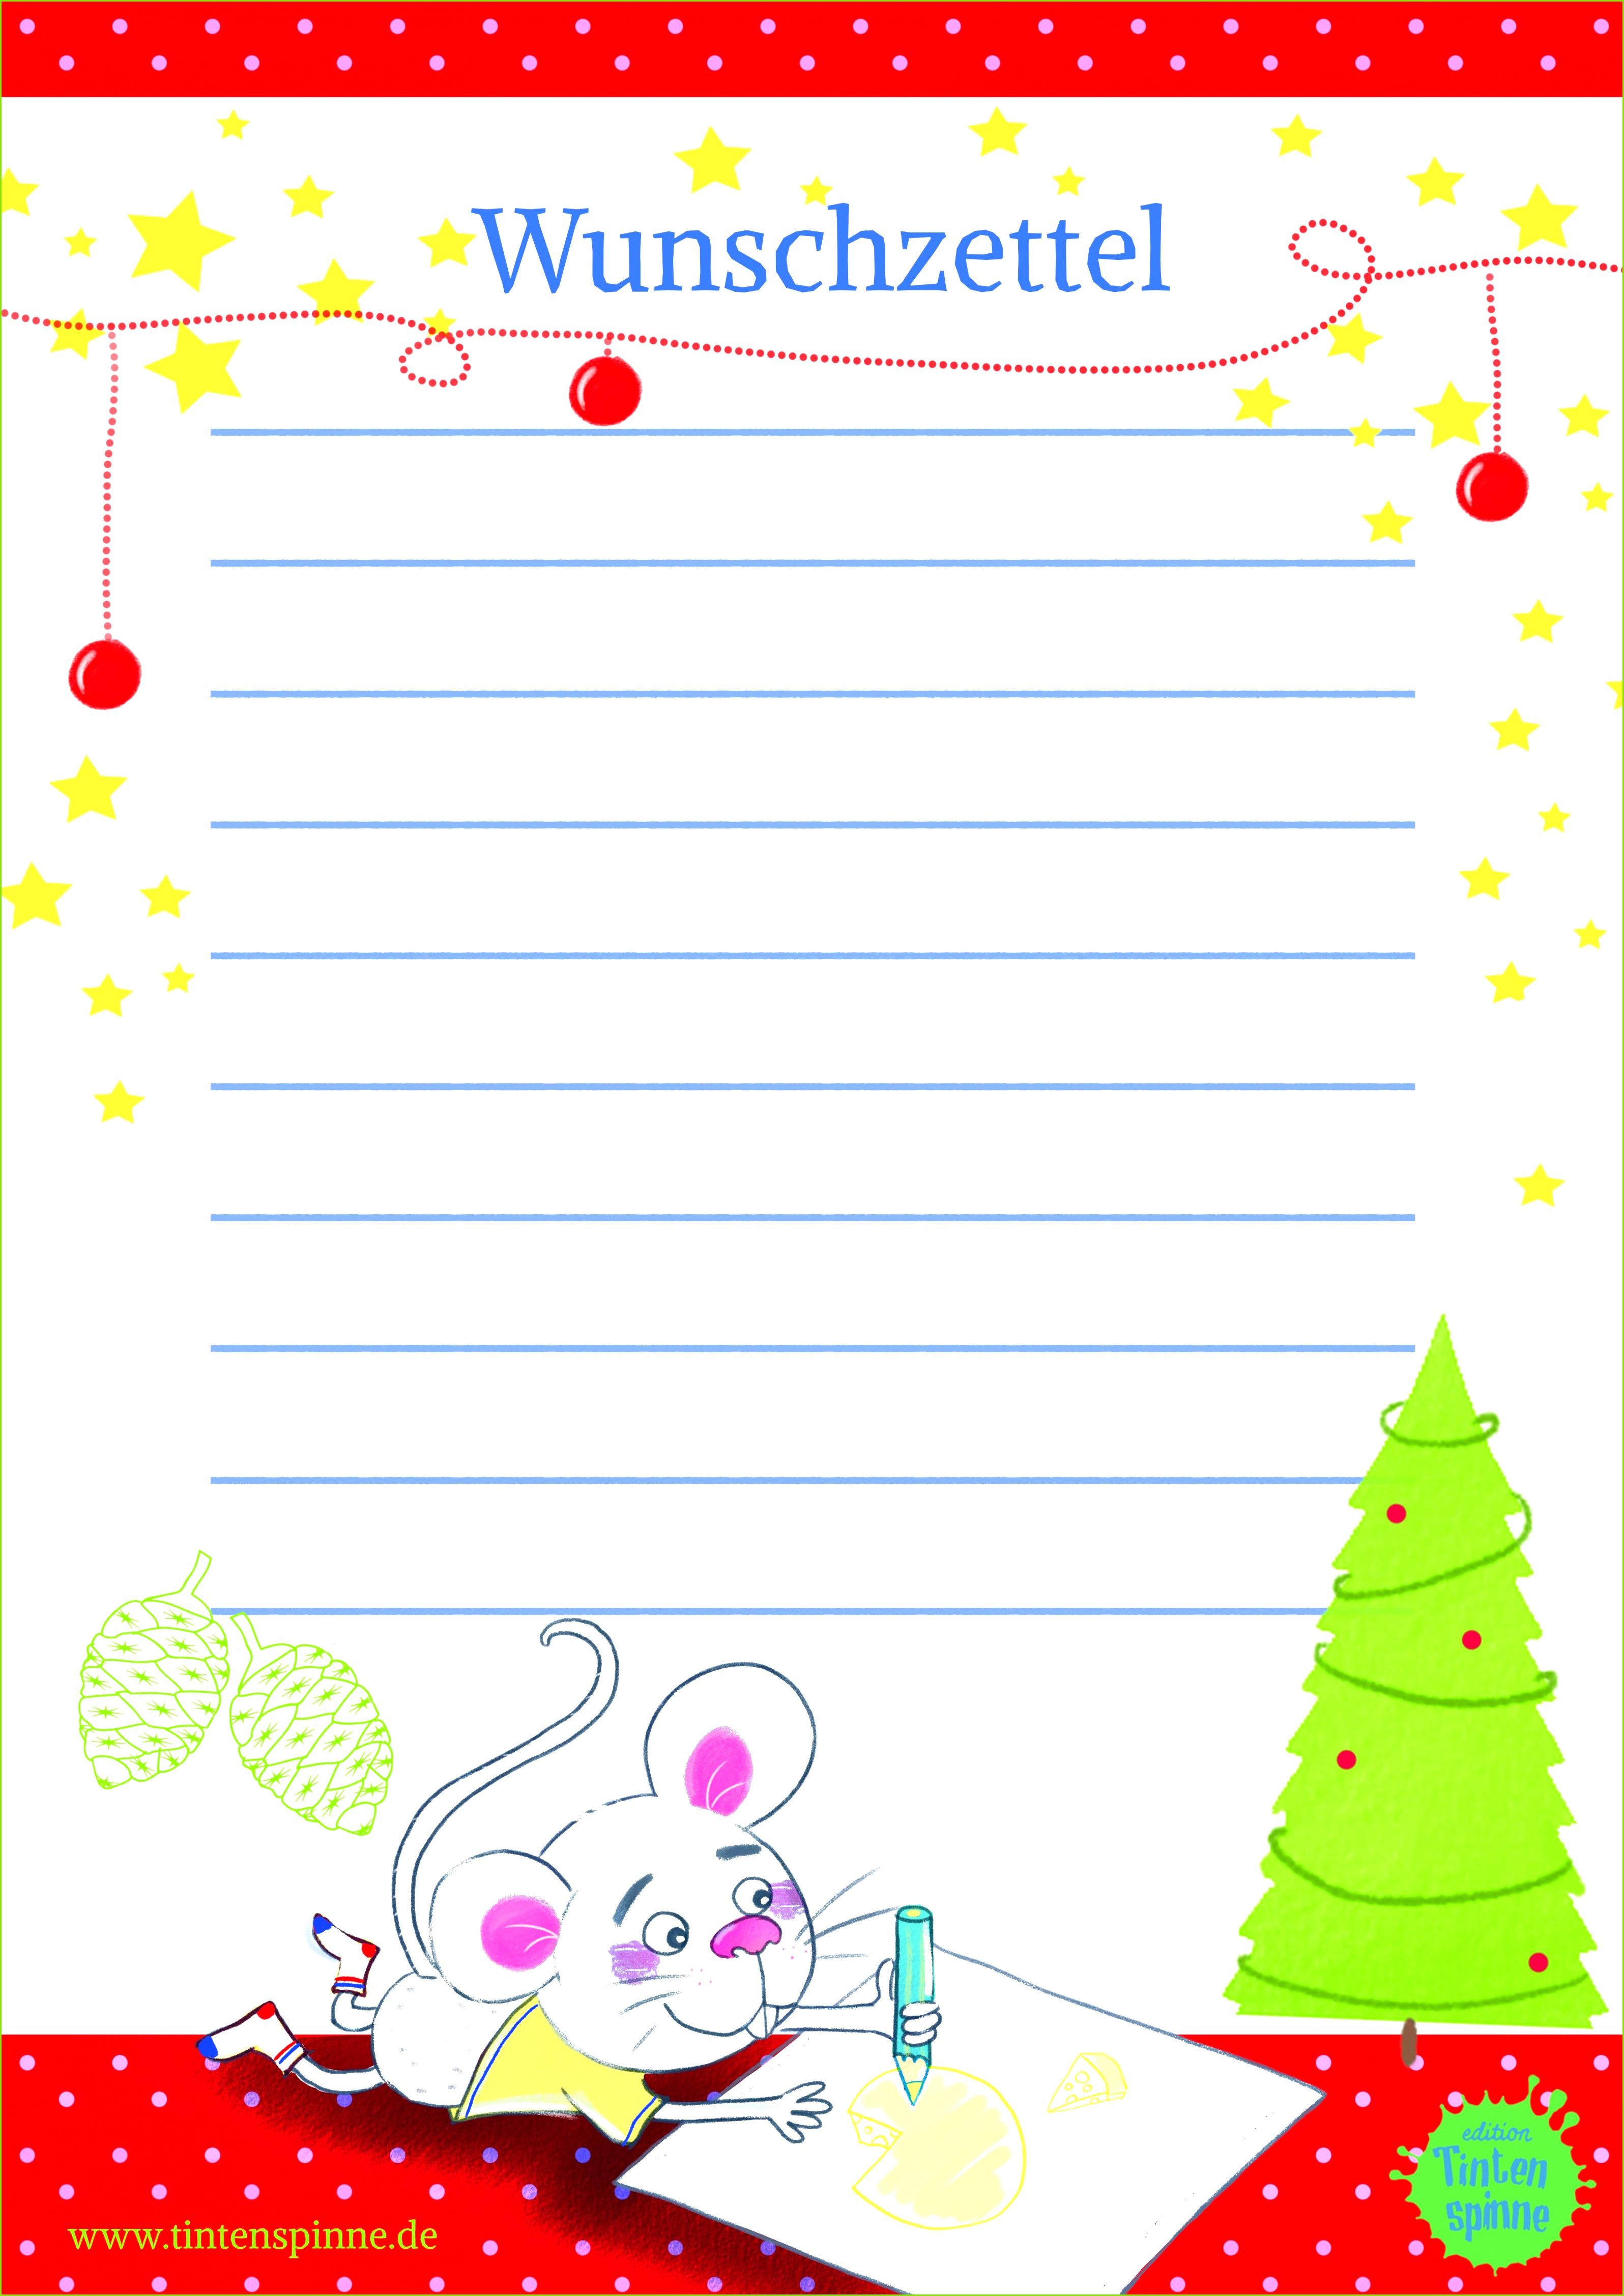 Großartig Weihnachts Wunschliste Vorlage Galerie Genial Malvorlagen Weihnachten Wunschzettel